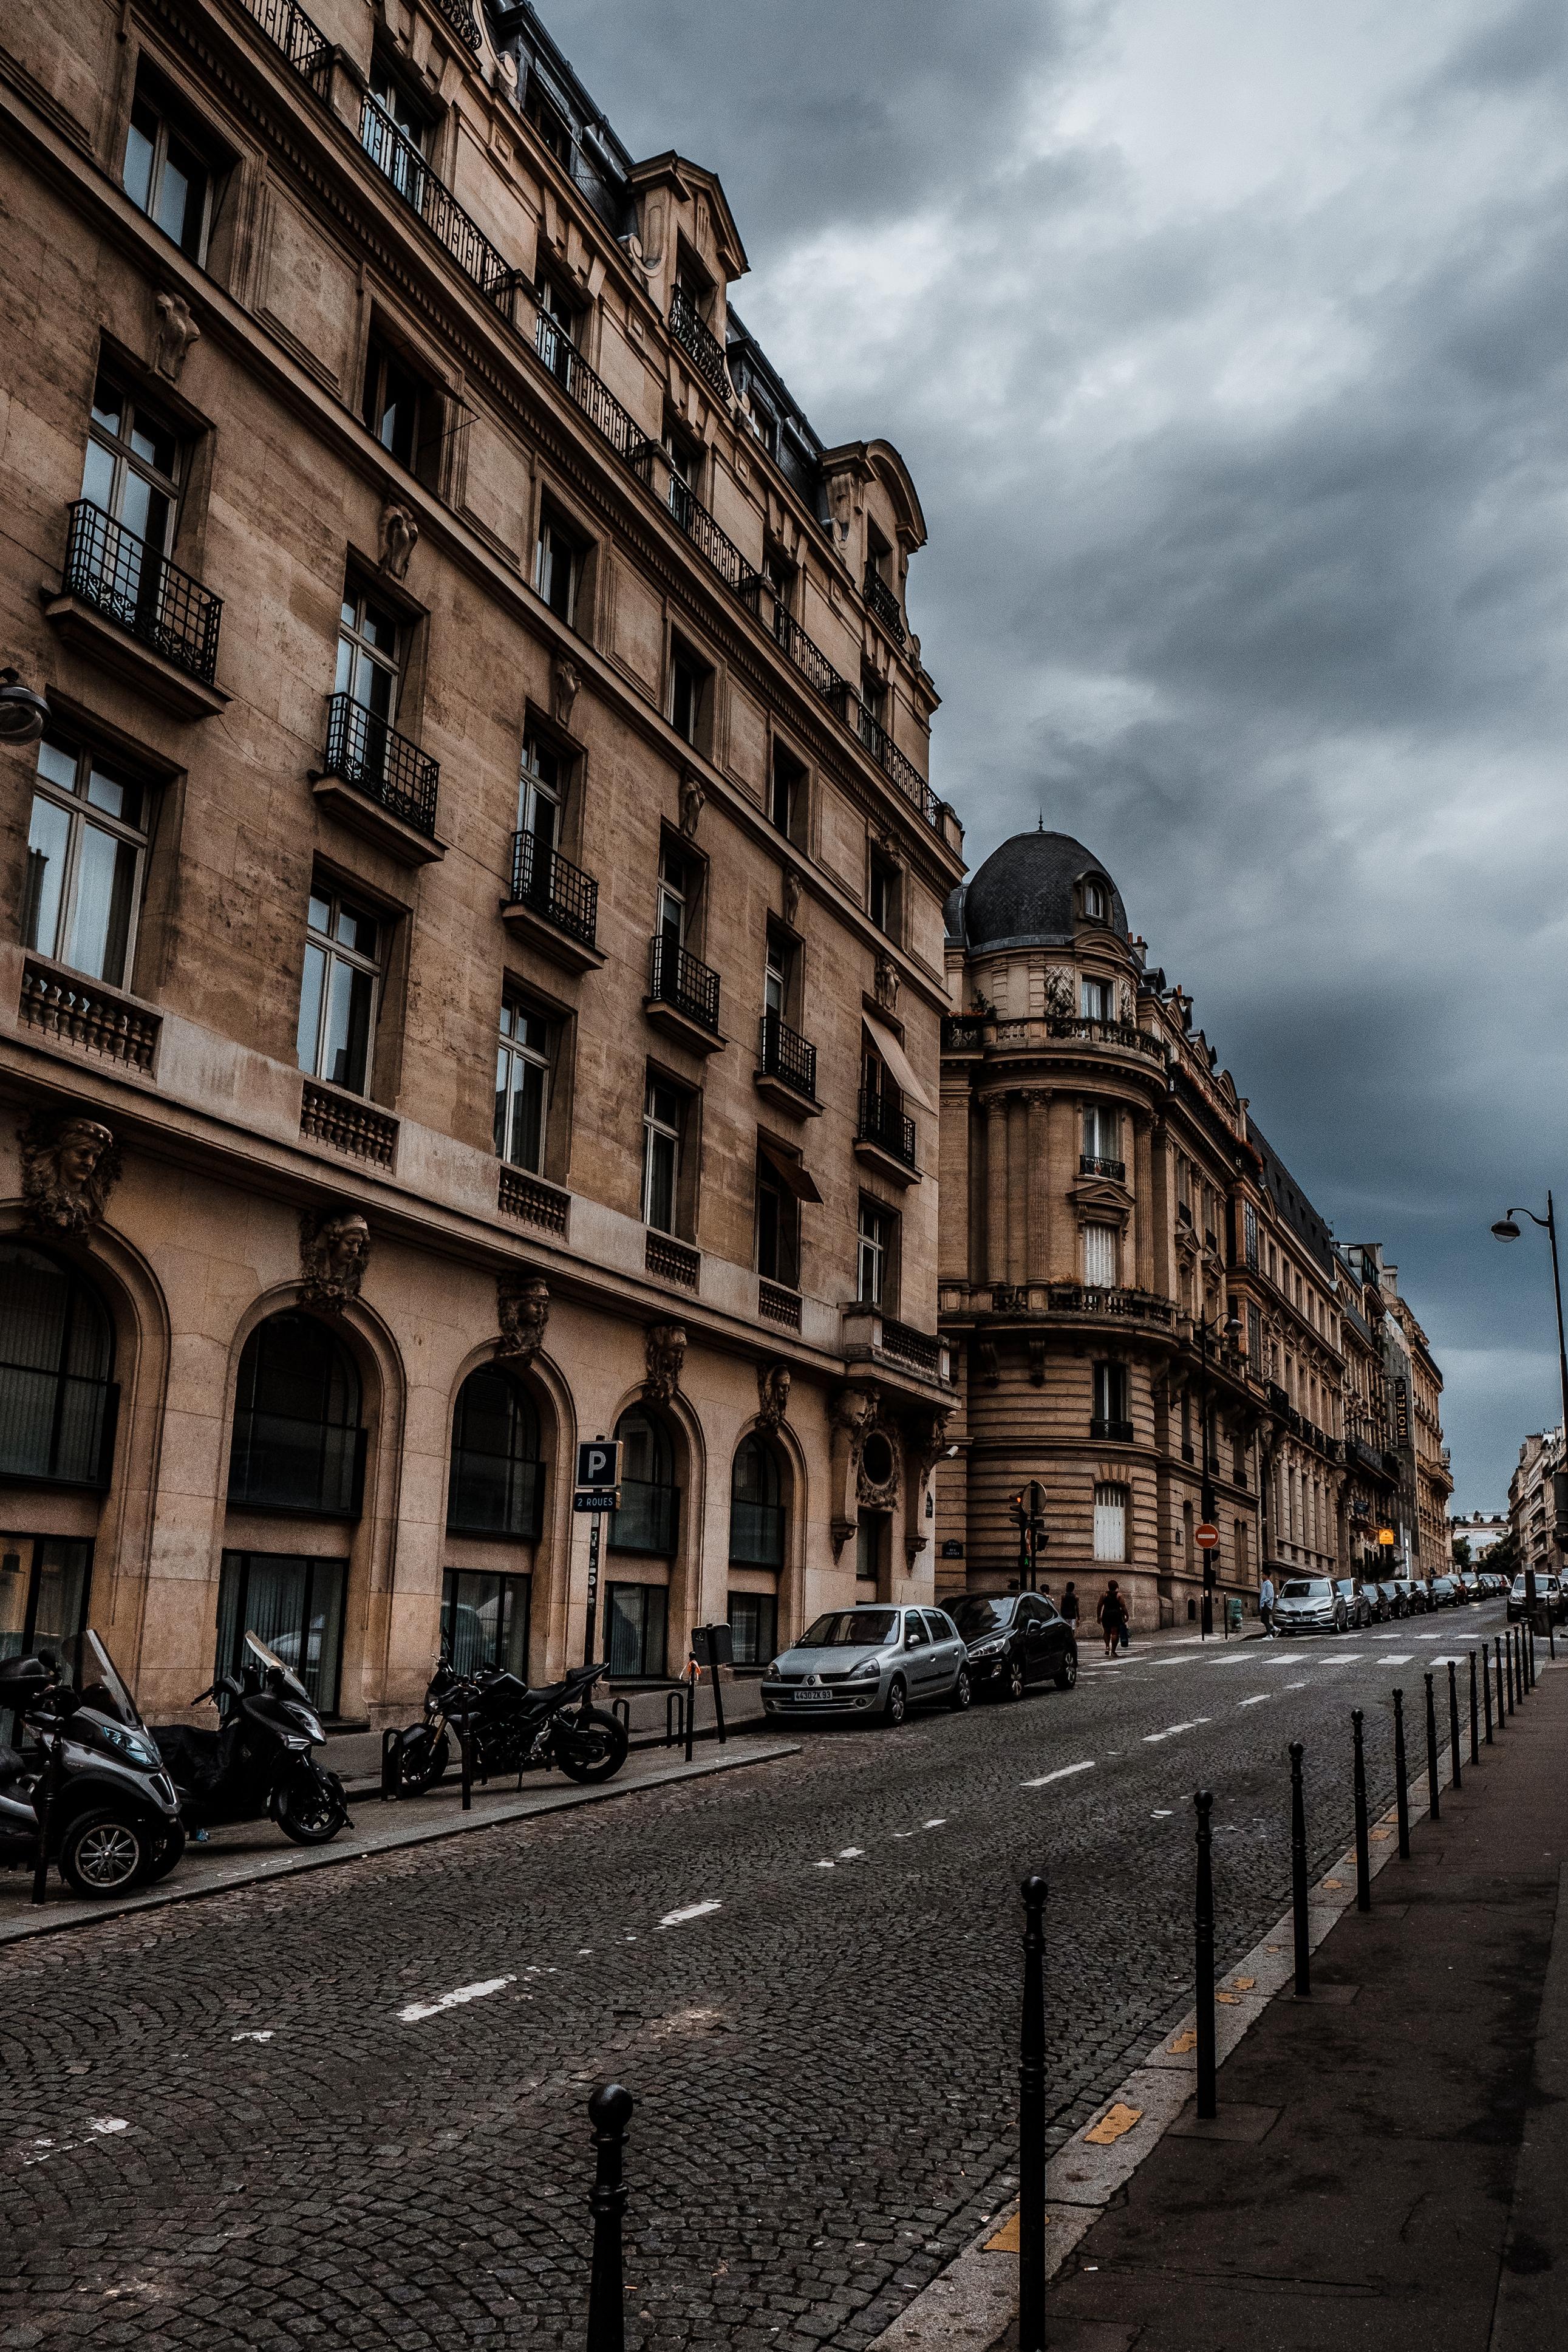 99423壁紙のダウンロード通り, 市, 都市, 建物, 車, パリ, フランス, アーキテクチャ, オートバイ-スクリーンセーバーと写真を無料で